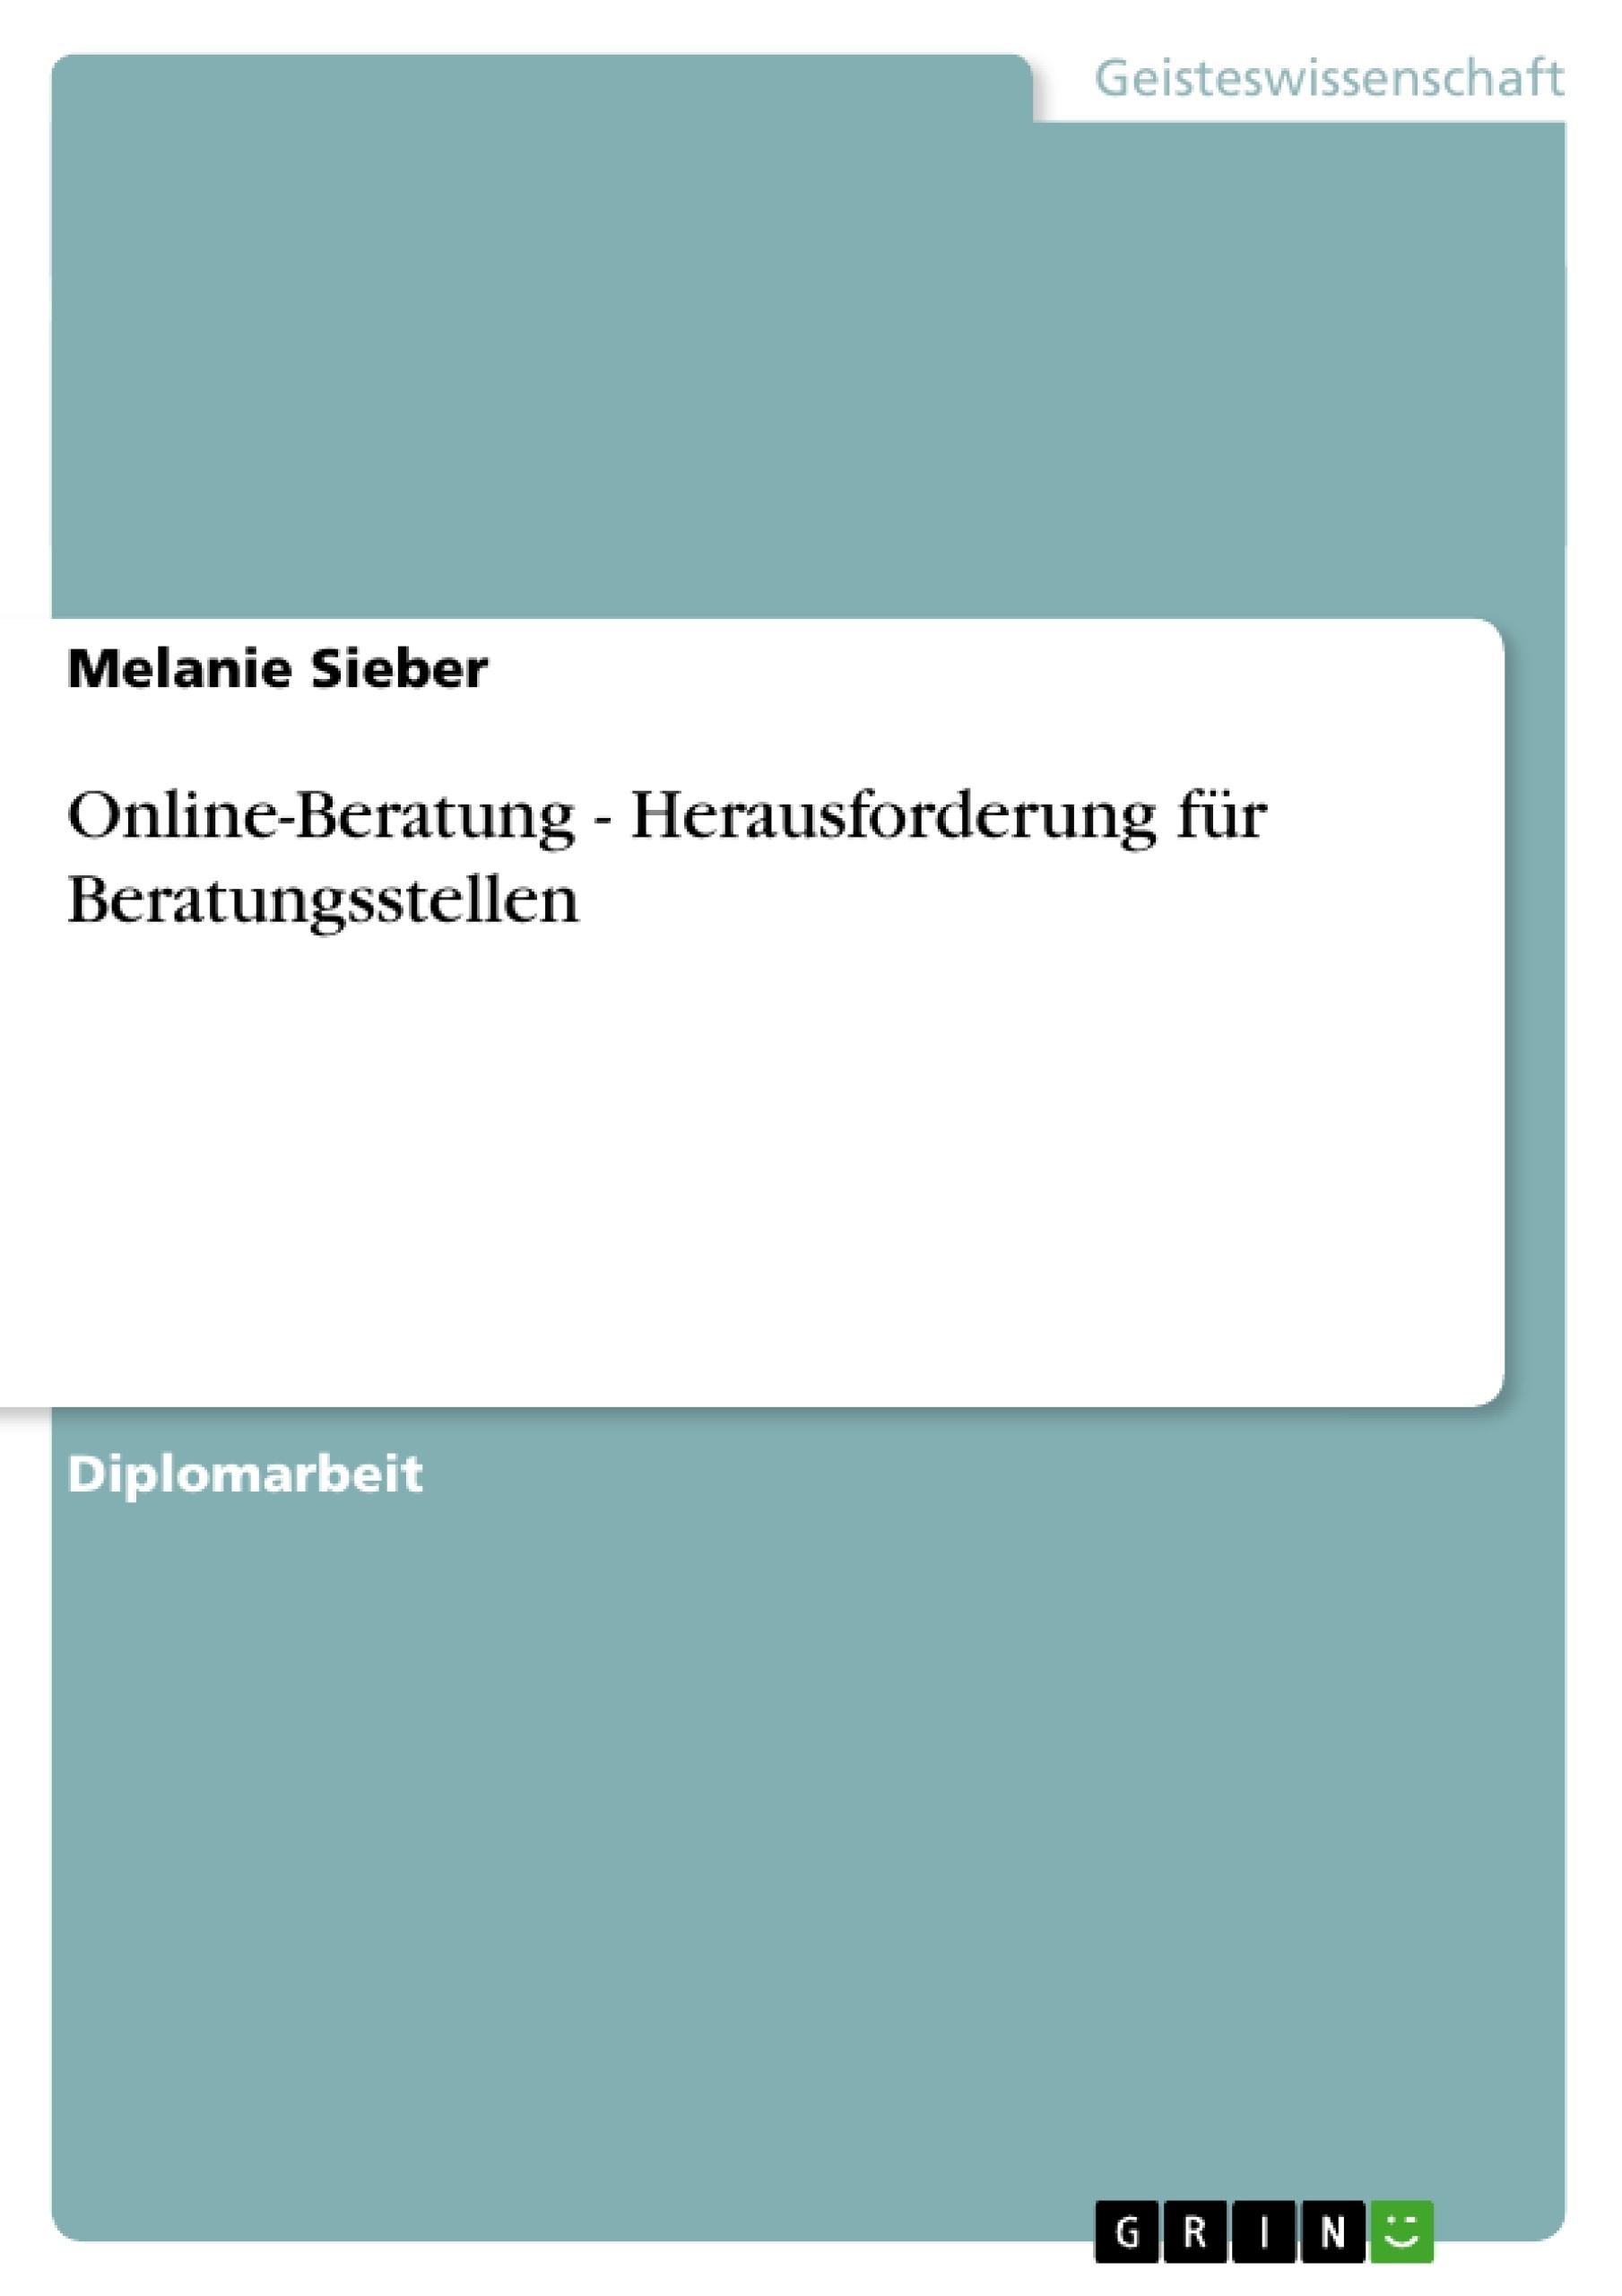 Titel: Online-Beratung - Herausforderung für Beratungsstellen